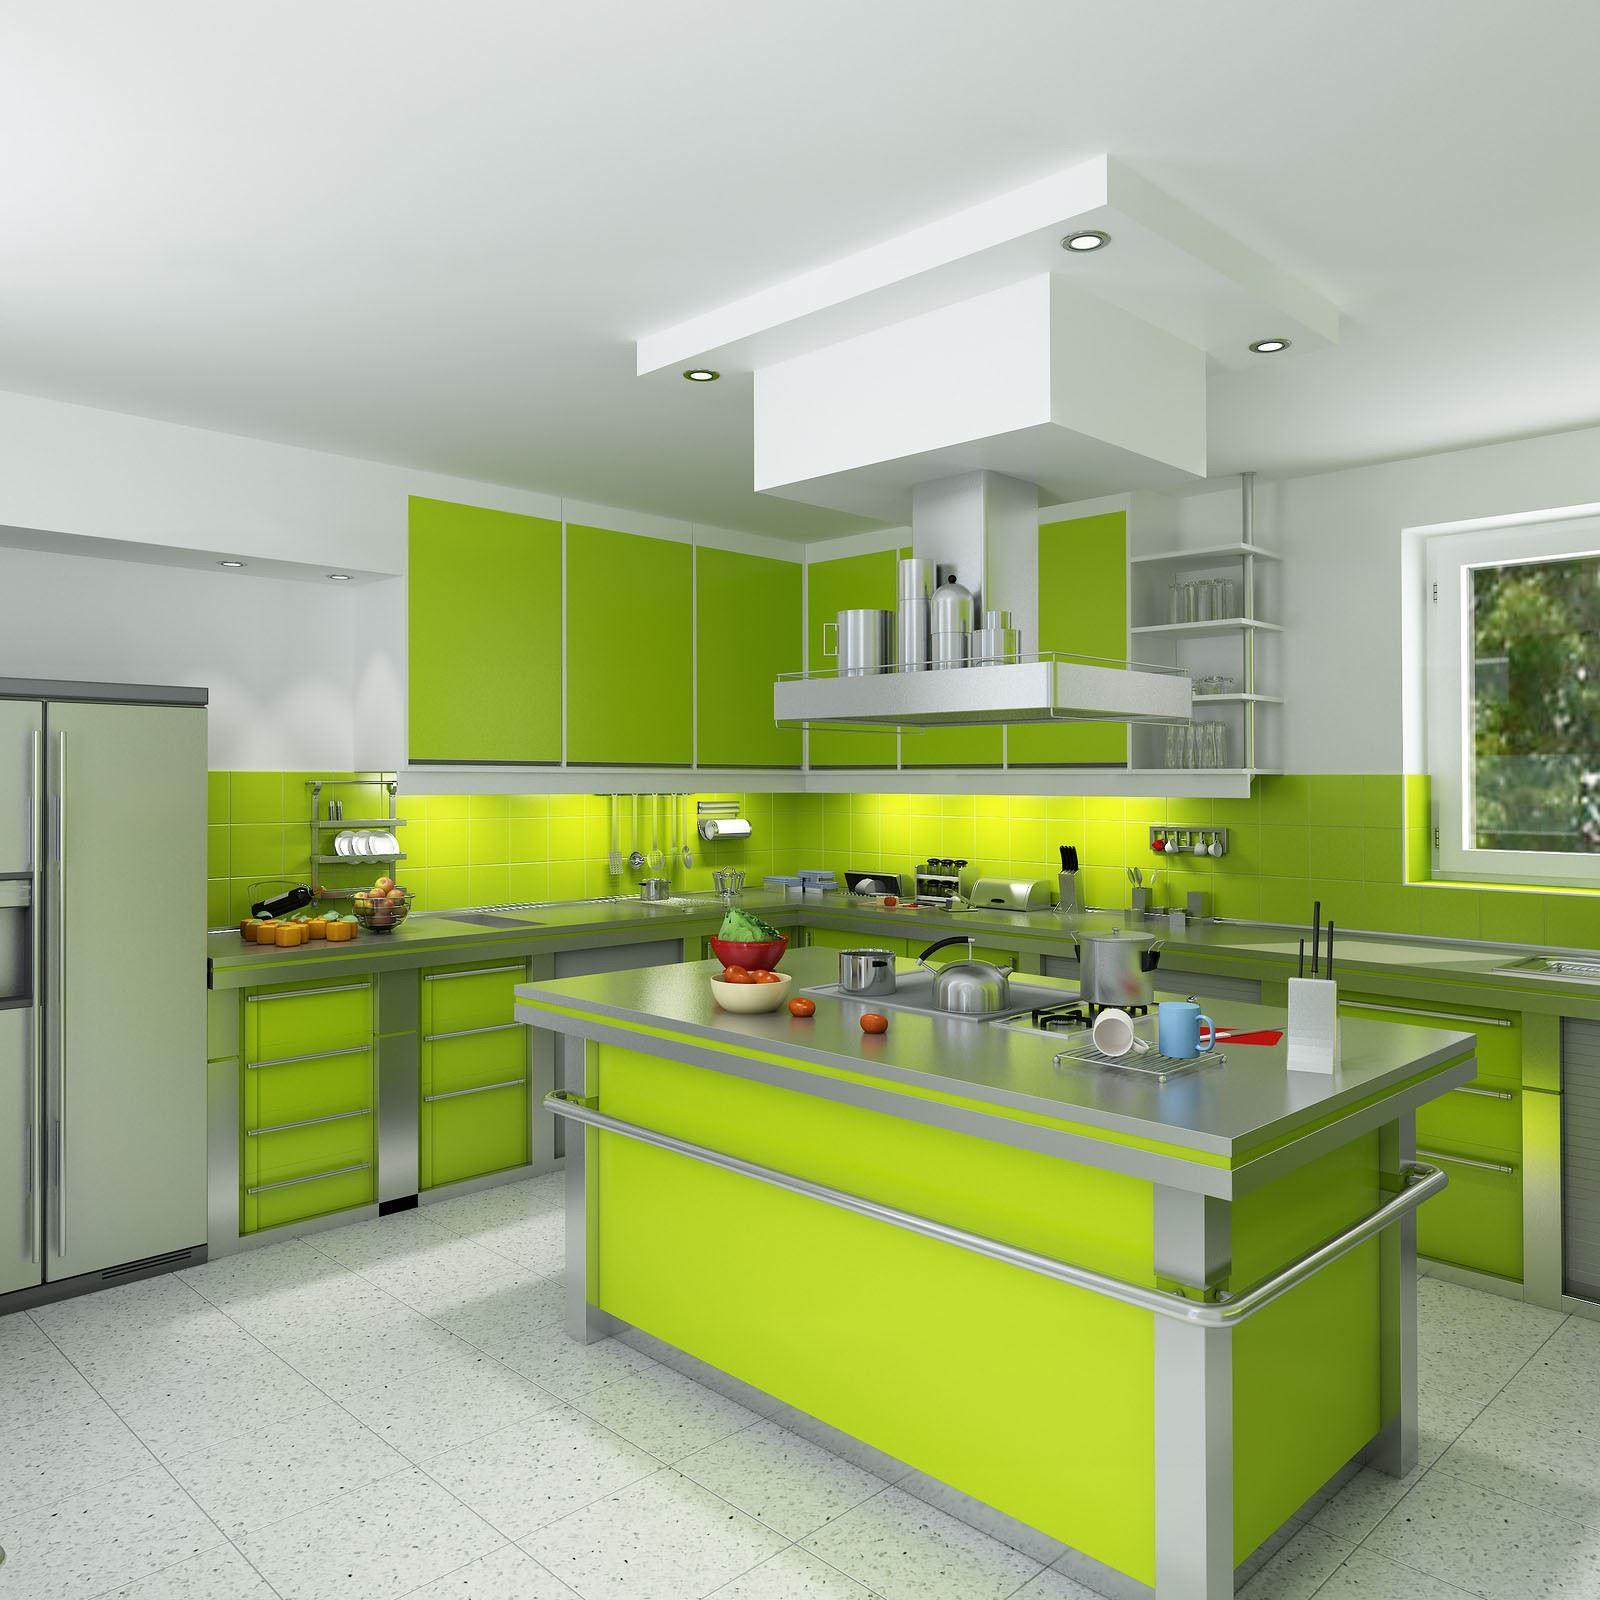 Дизайна кухни зеленого цвета